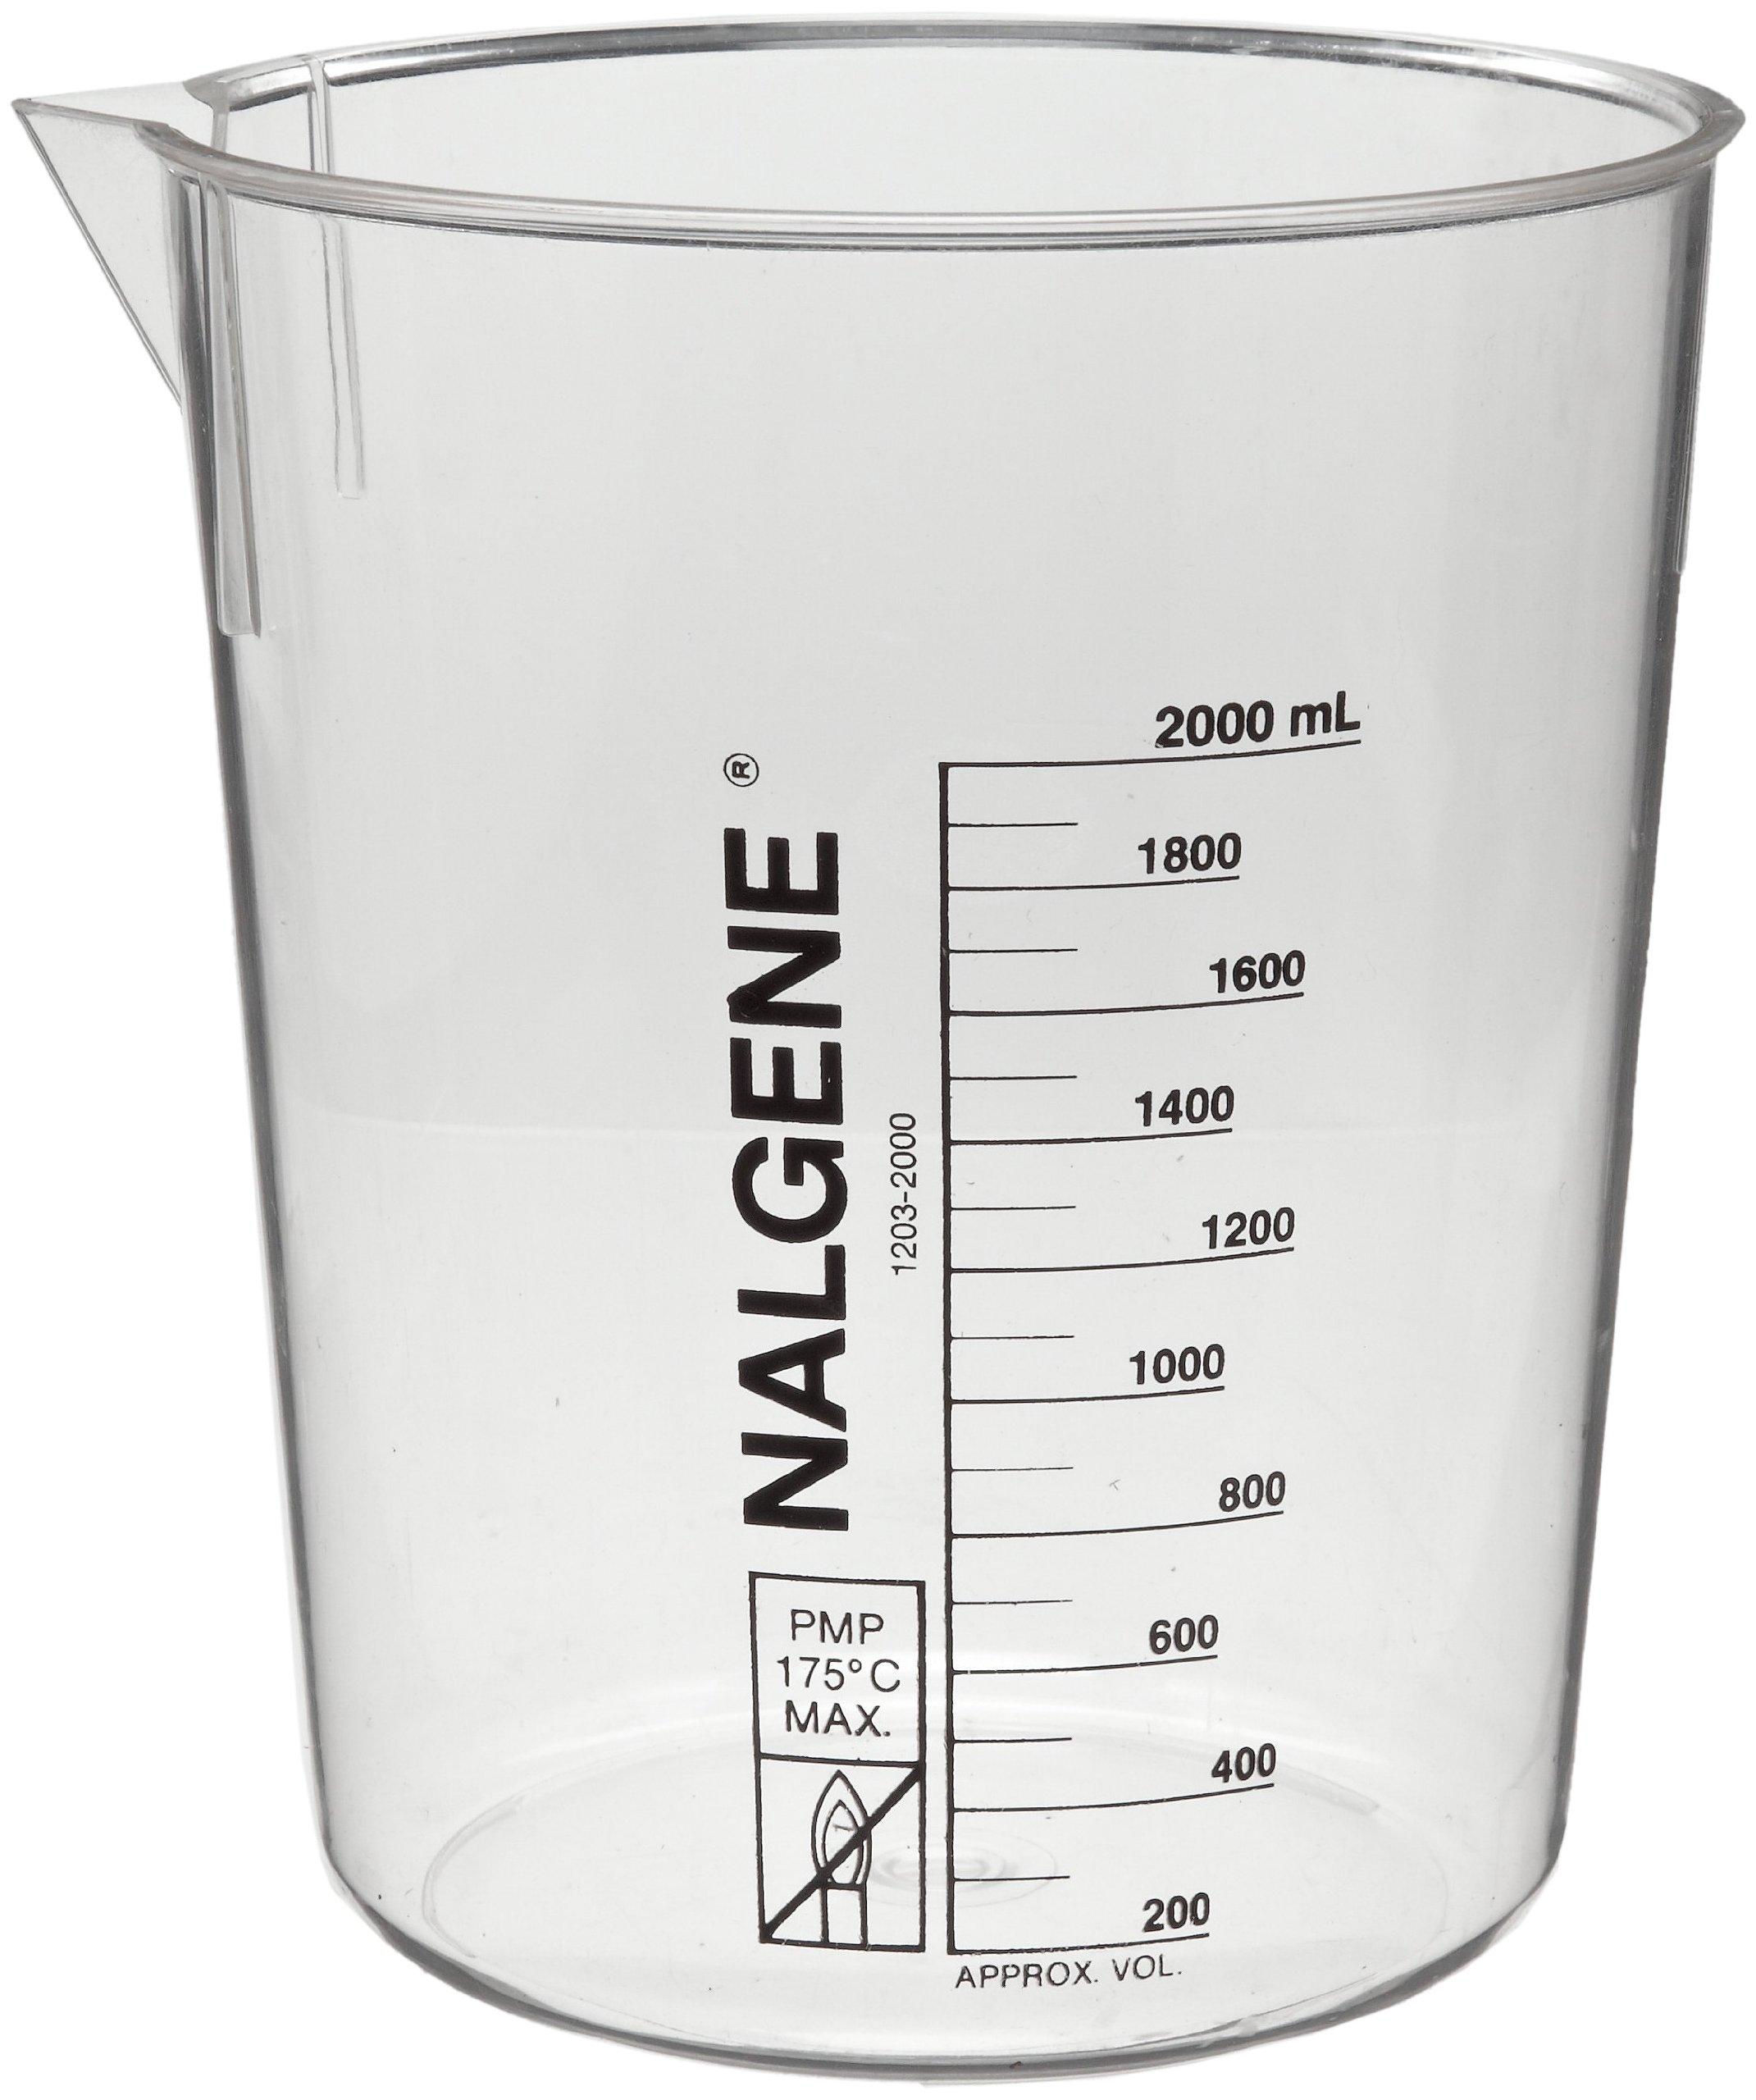 Nalgene 1203-4000 Polymethylpentene Low Form Griffin Beaker, 4000mL Capacity